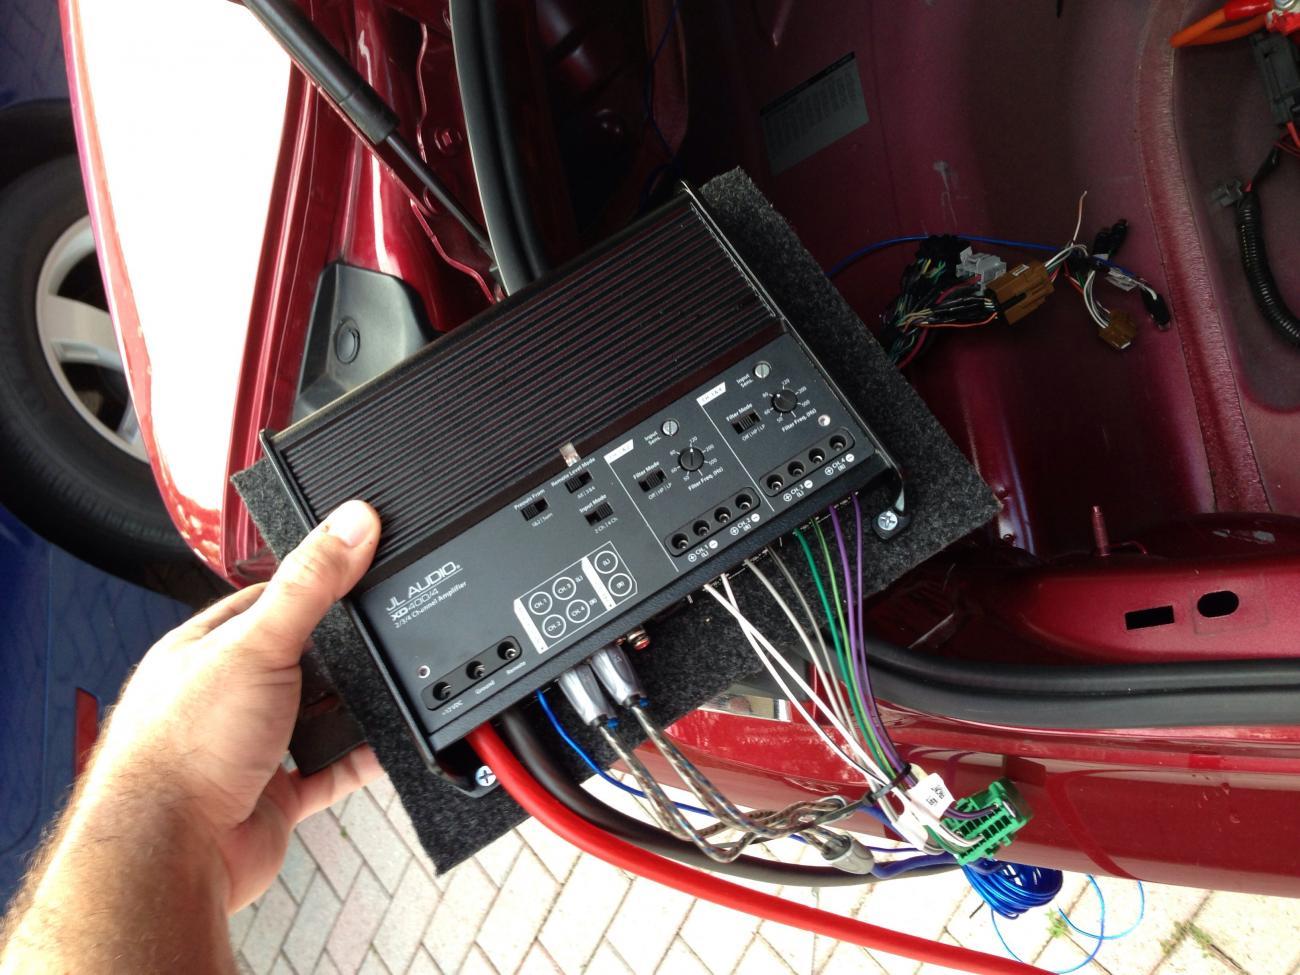 wiring diagram subwoofer wiring wiring diagrams attachment wiring diagram subwoofer attachment